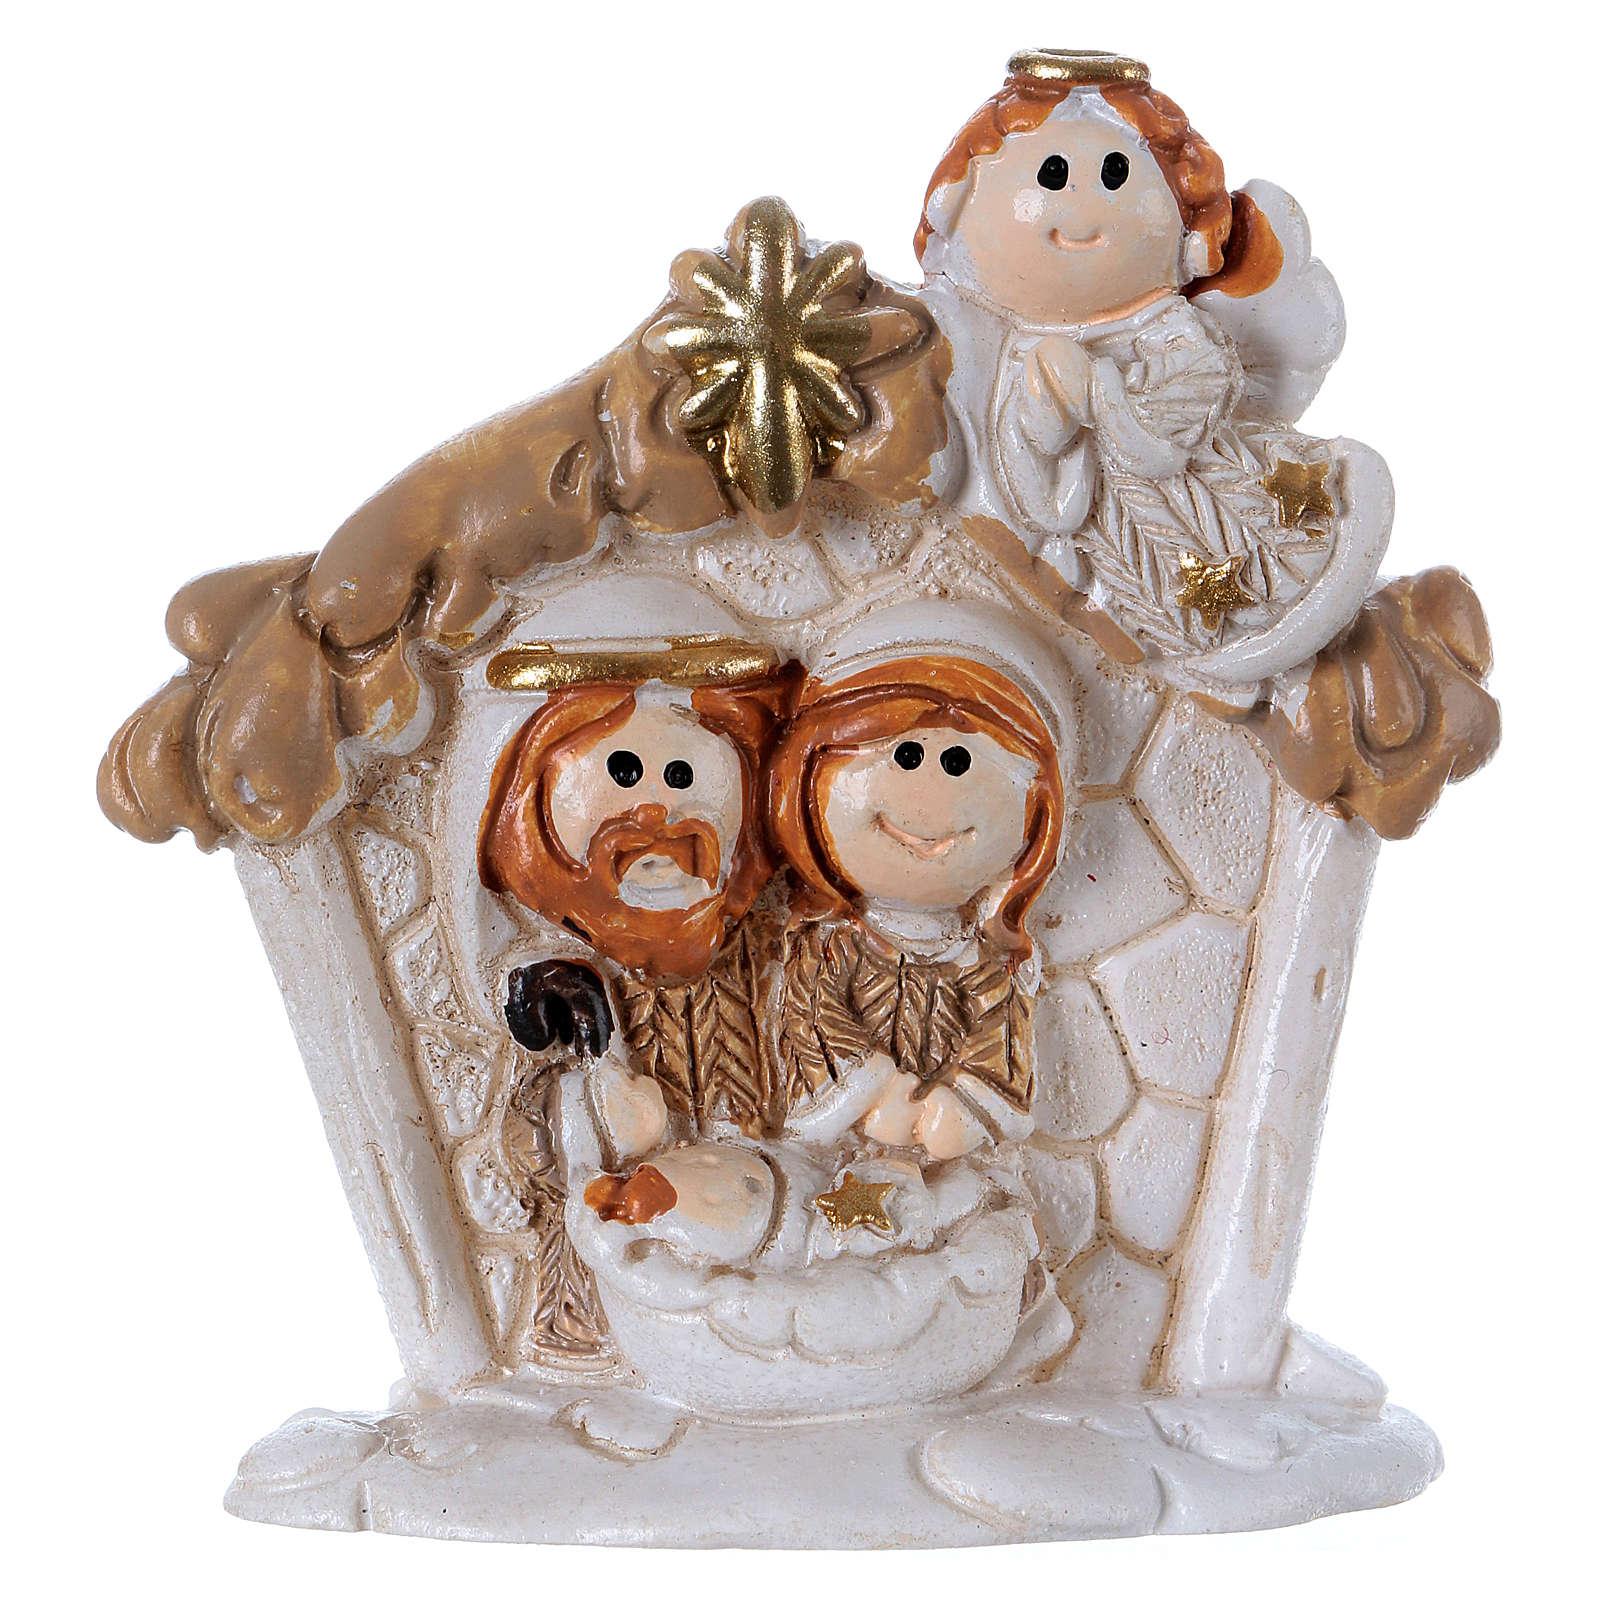 Sagrada Familia de resina coloreada con ángel 5 cm 3